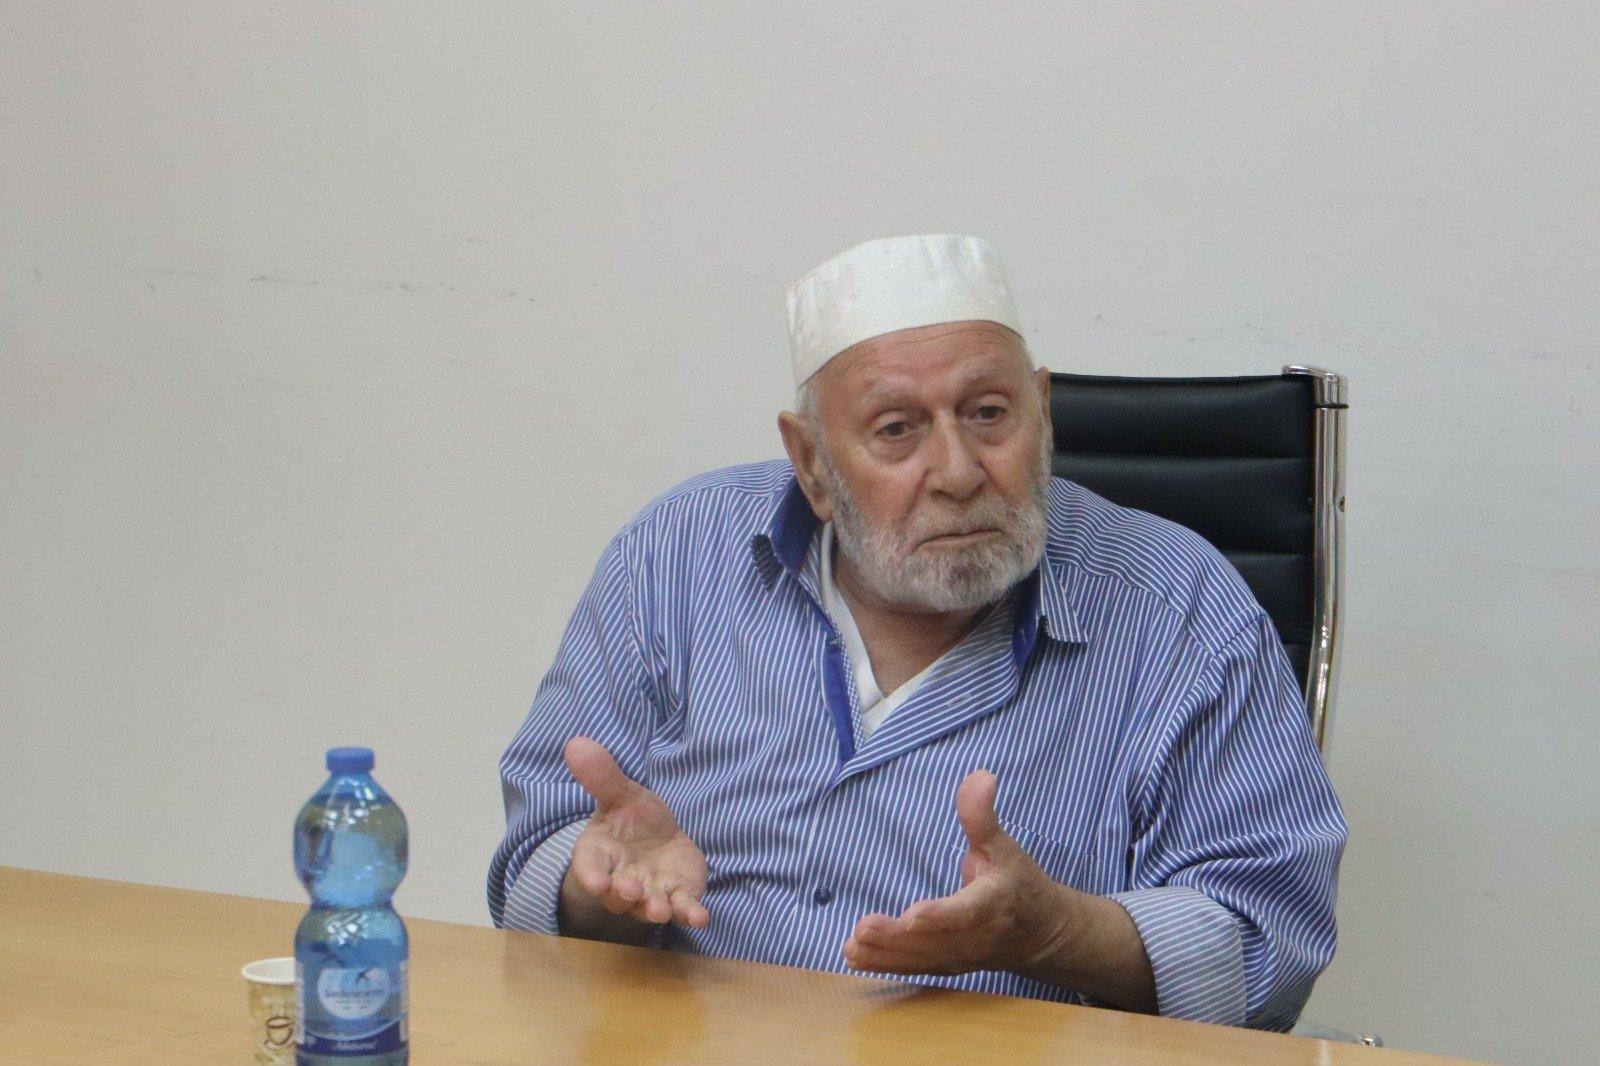 وفد وإدانة حادثة العنف التي تعرض لها رئيس باقة الغربية-11